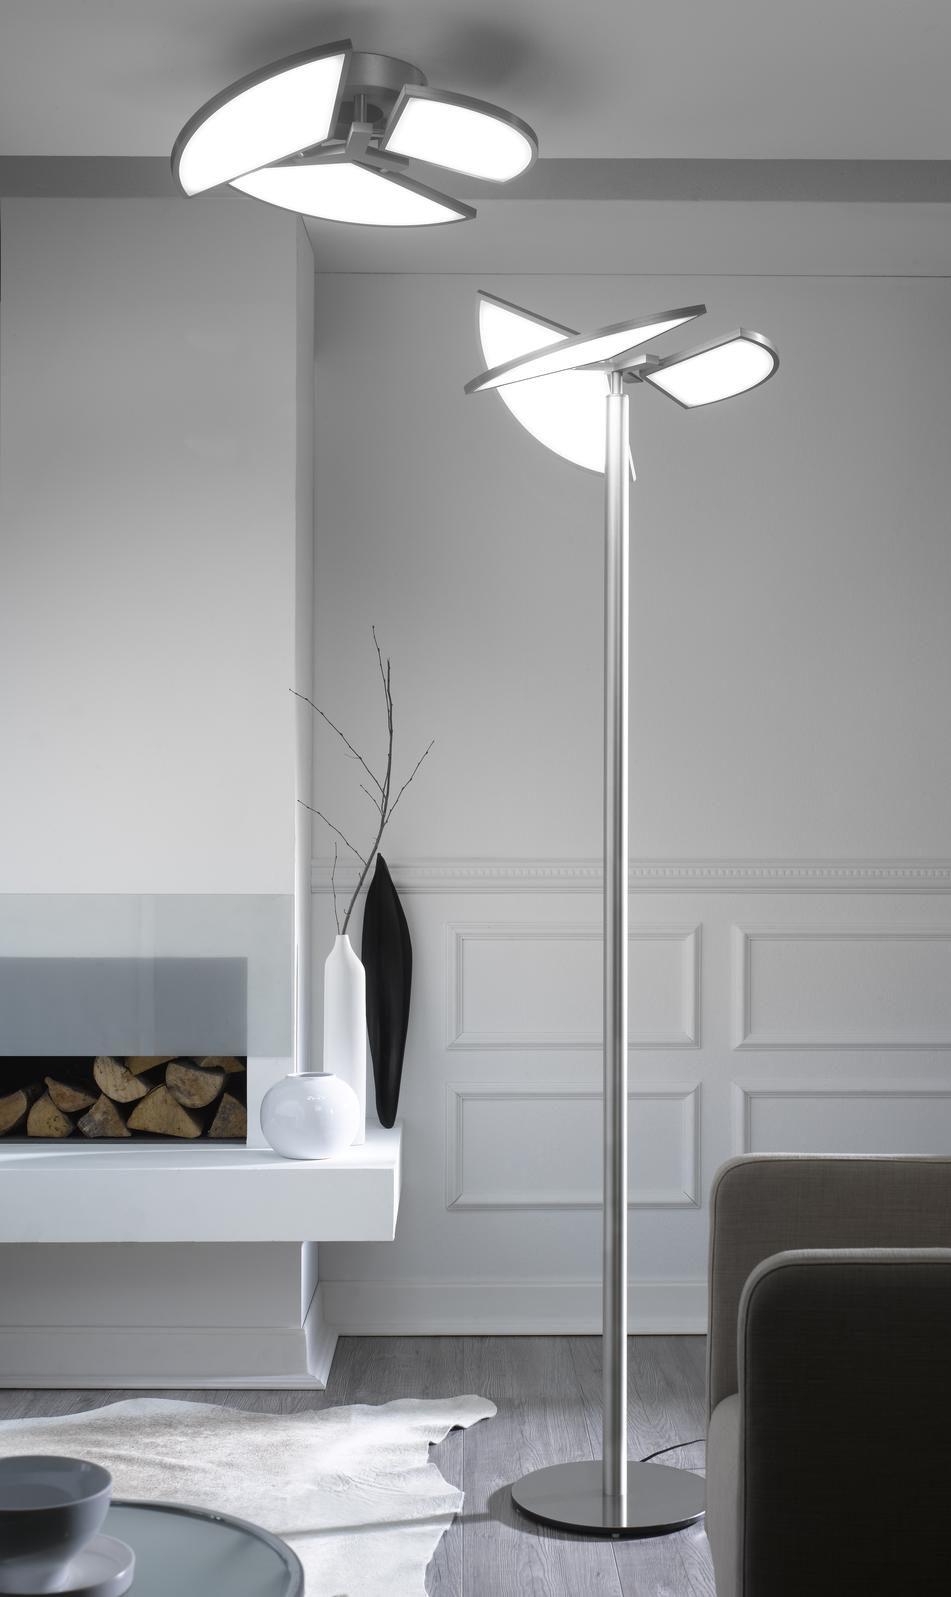 Jobst Wohnwelt Traunreut | Räume | Schlafzimmer | Lampen +, Schlafzimmer  Entwurf